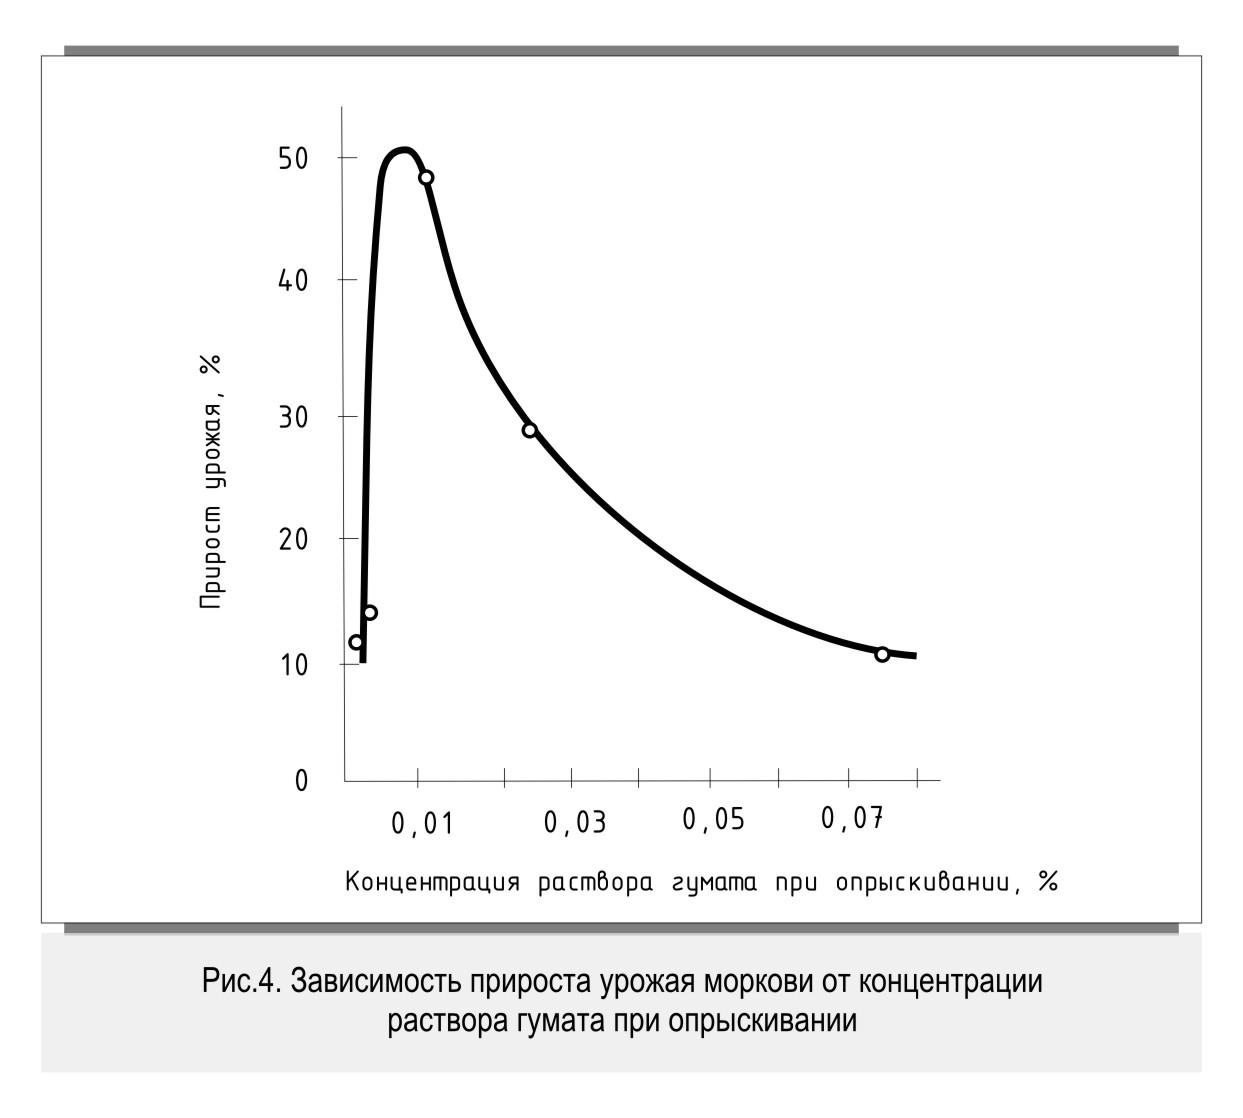 Зависимость прироста урожая моркови от концентрации раствора гумата